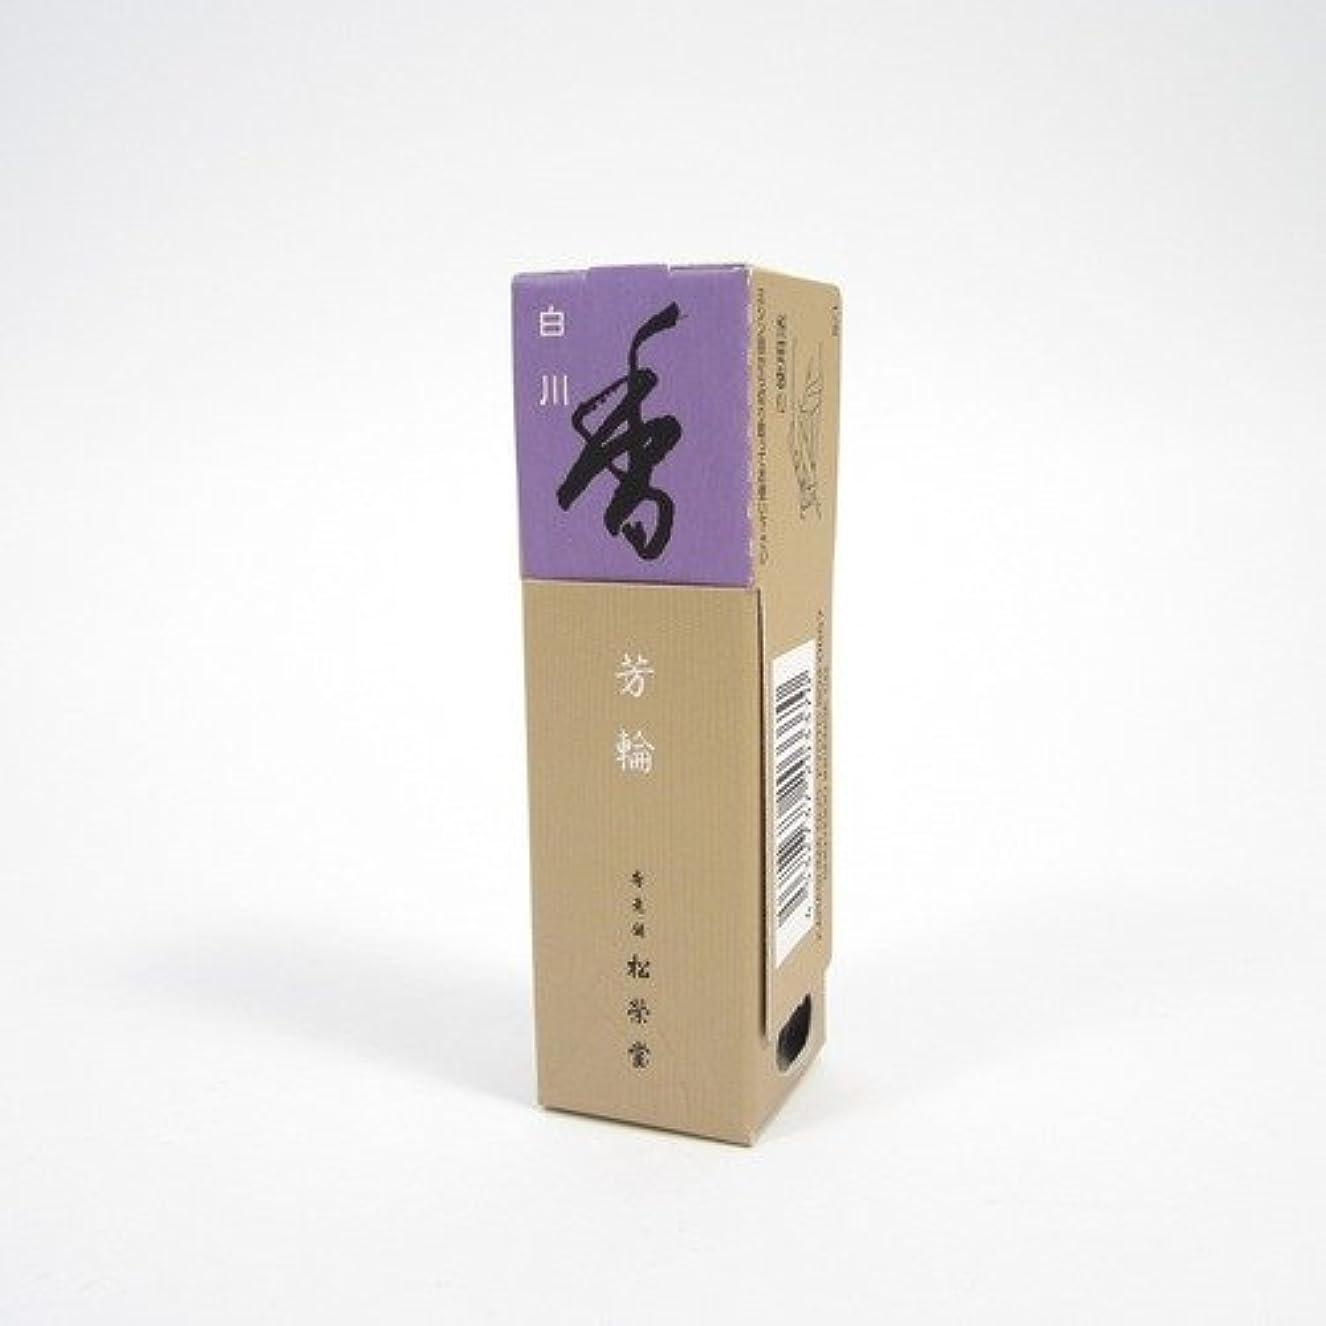 薄めるピル例松栄堂のお香 芳輪白川 ST20本入 簡易香立付 #210623